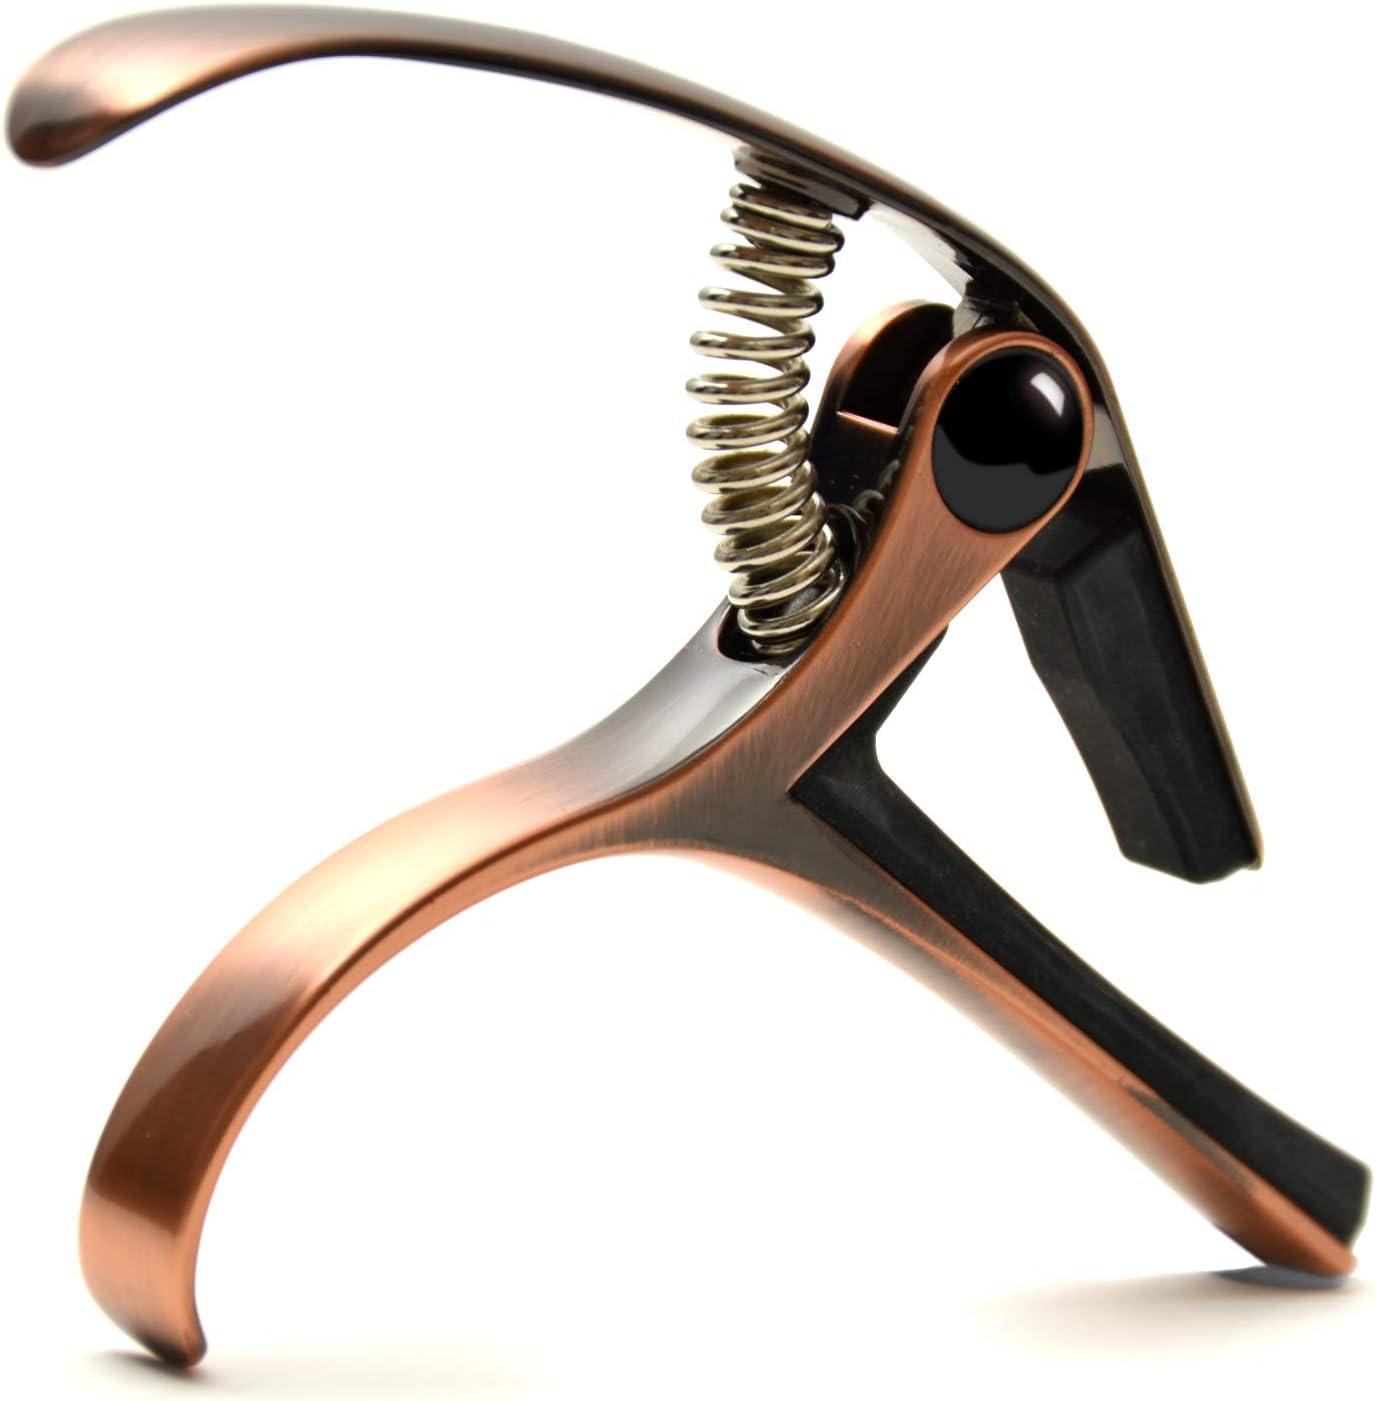 Cejilla de bronceada Elagon BMZ - NUEVA Cejilla Multi-Función + Trapo quita-polvo y estuche de transporte equipado con unas innovadoras almohadillas de presión intercambiables para ajustar a la curvat